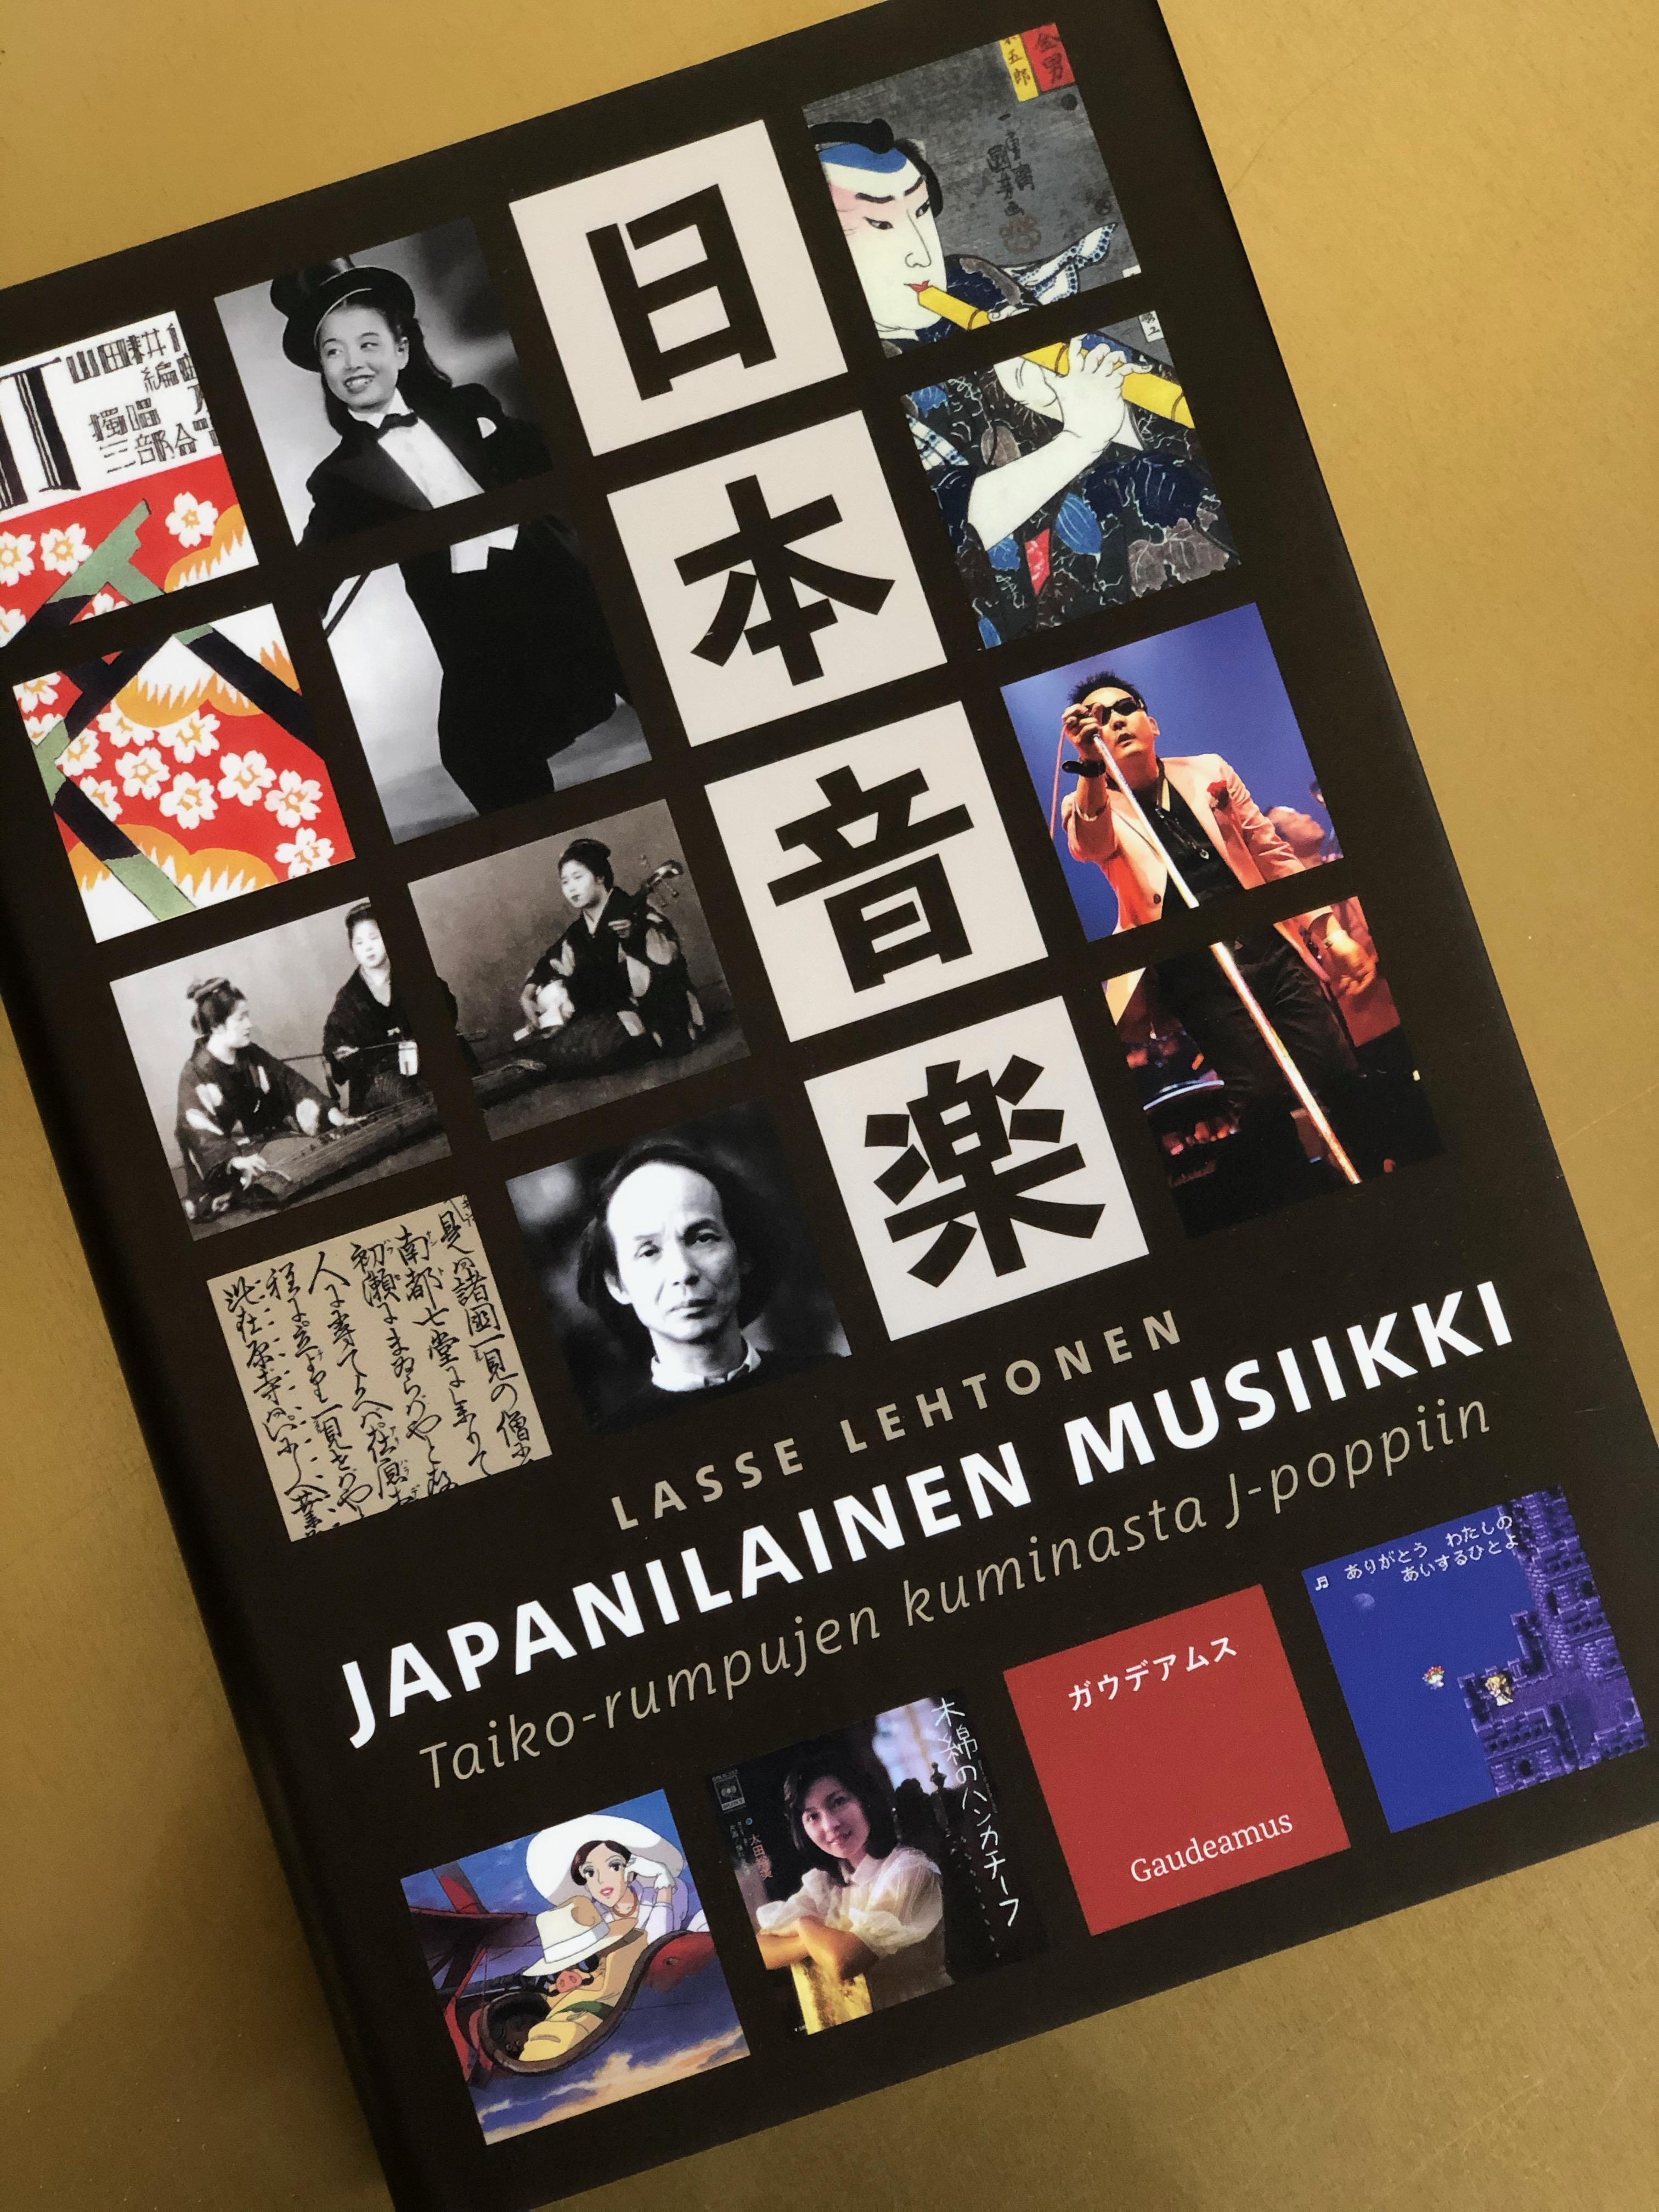 Lasse Lehtonen: Japanilainen musiikki